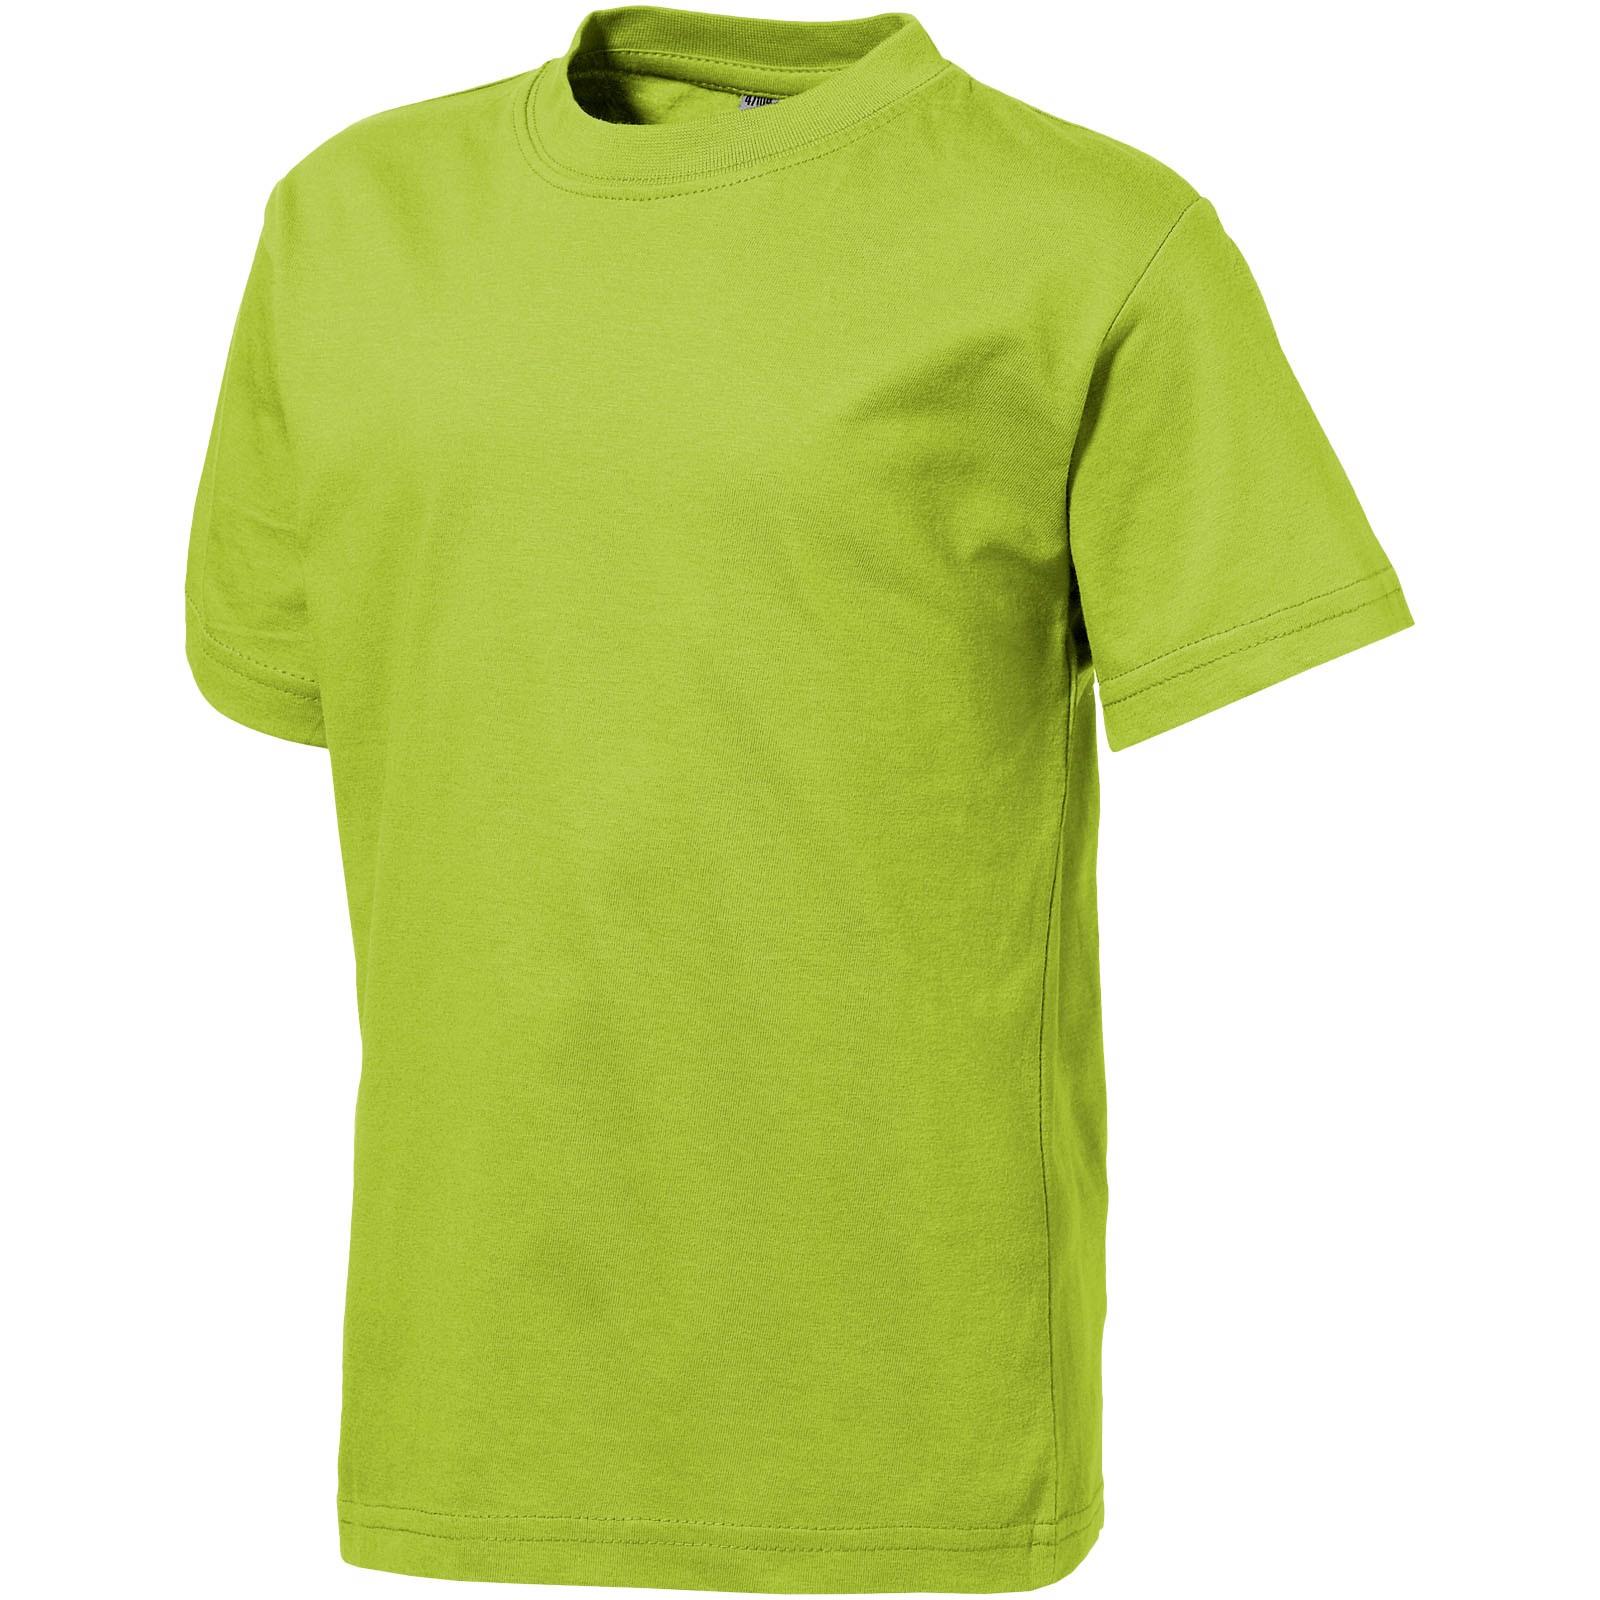 Dětské triko Ace s krátkým rukávem - Zelené jablko / 104